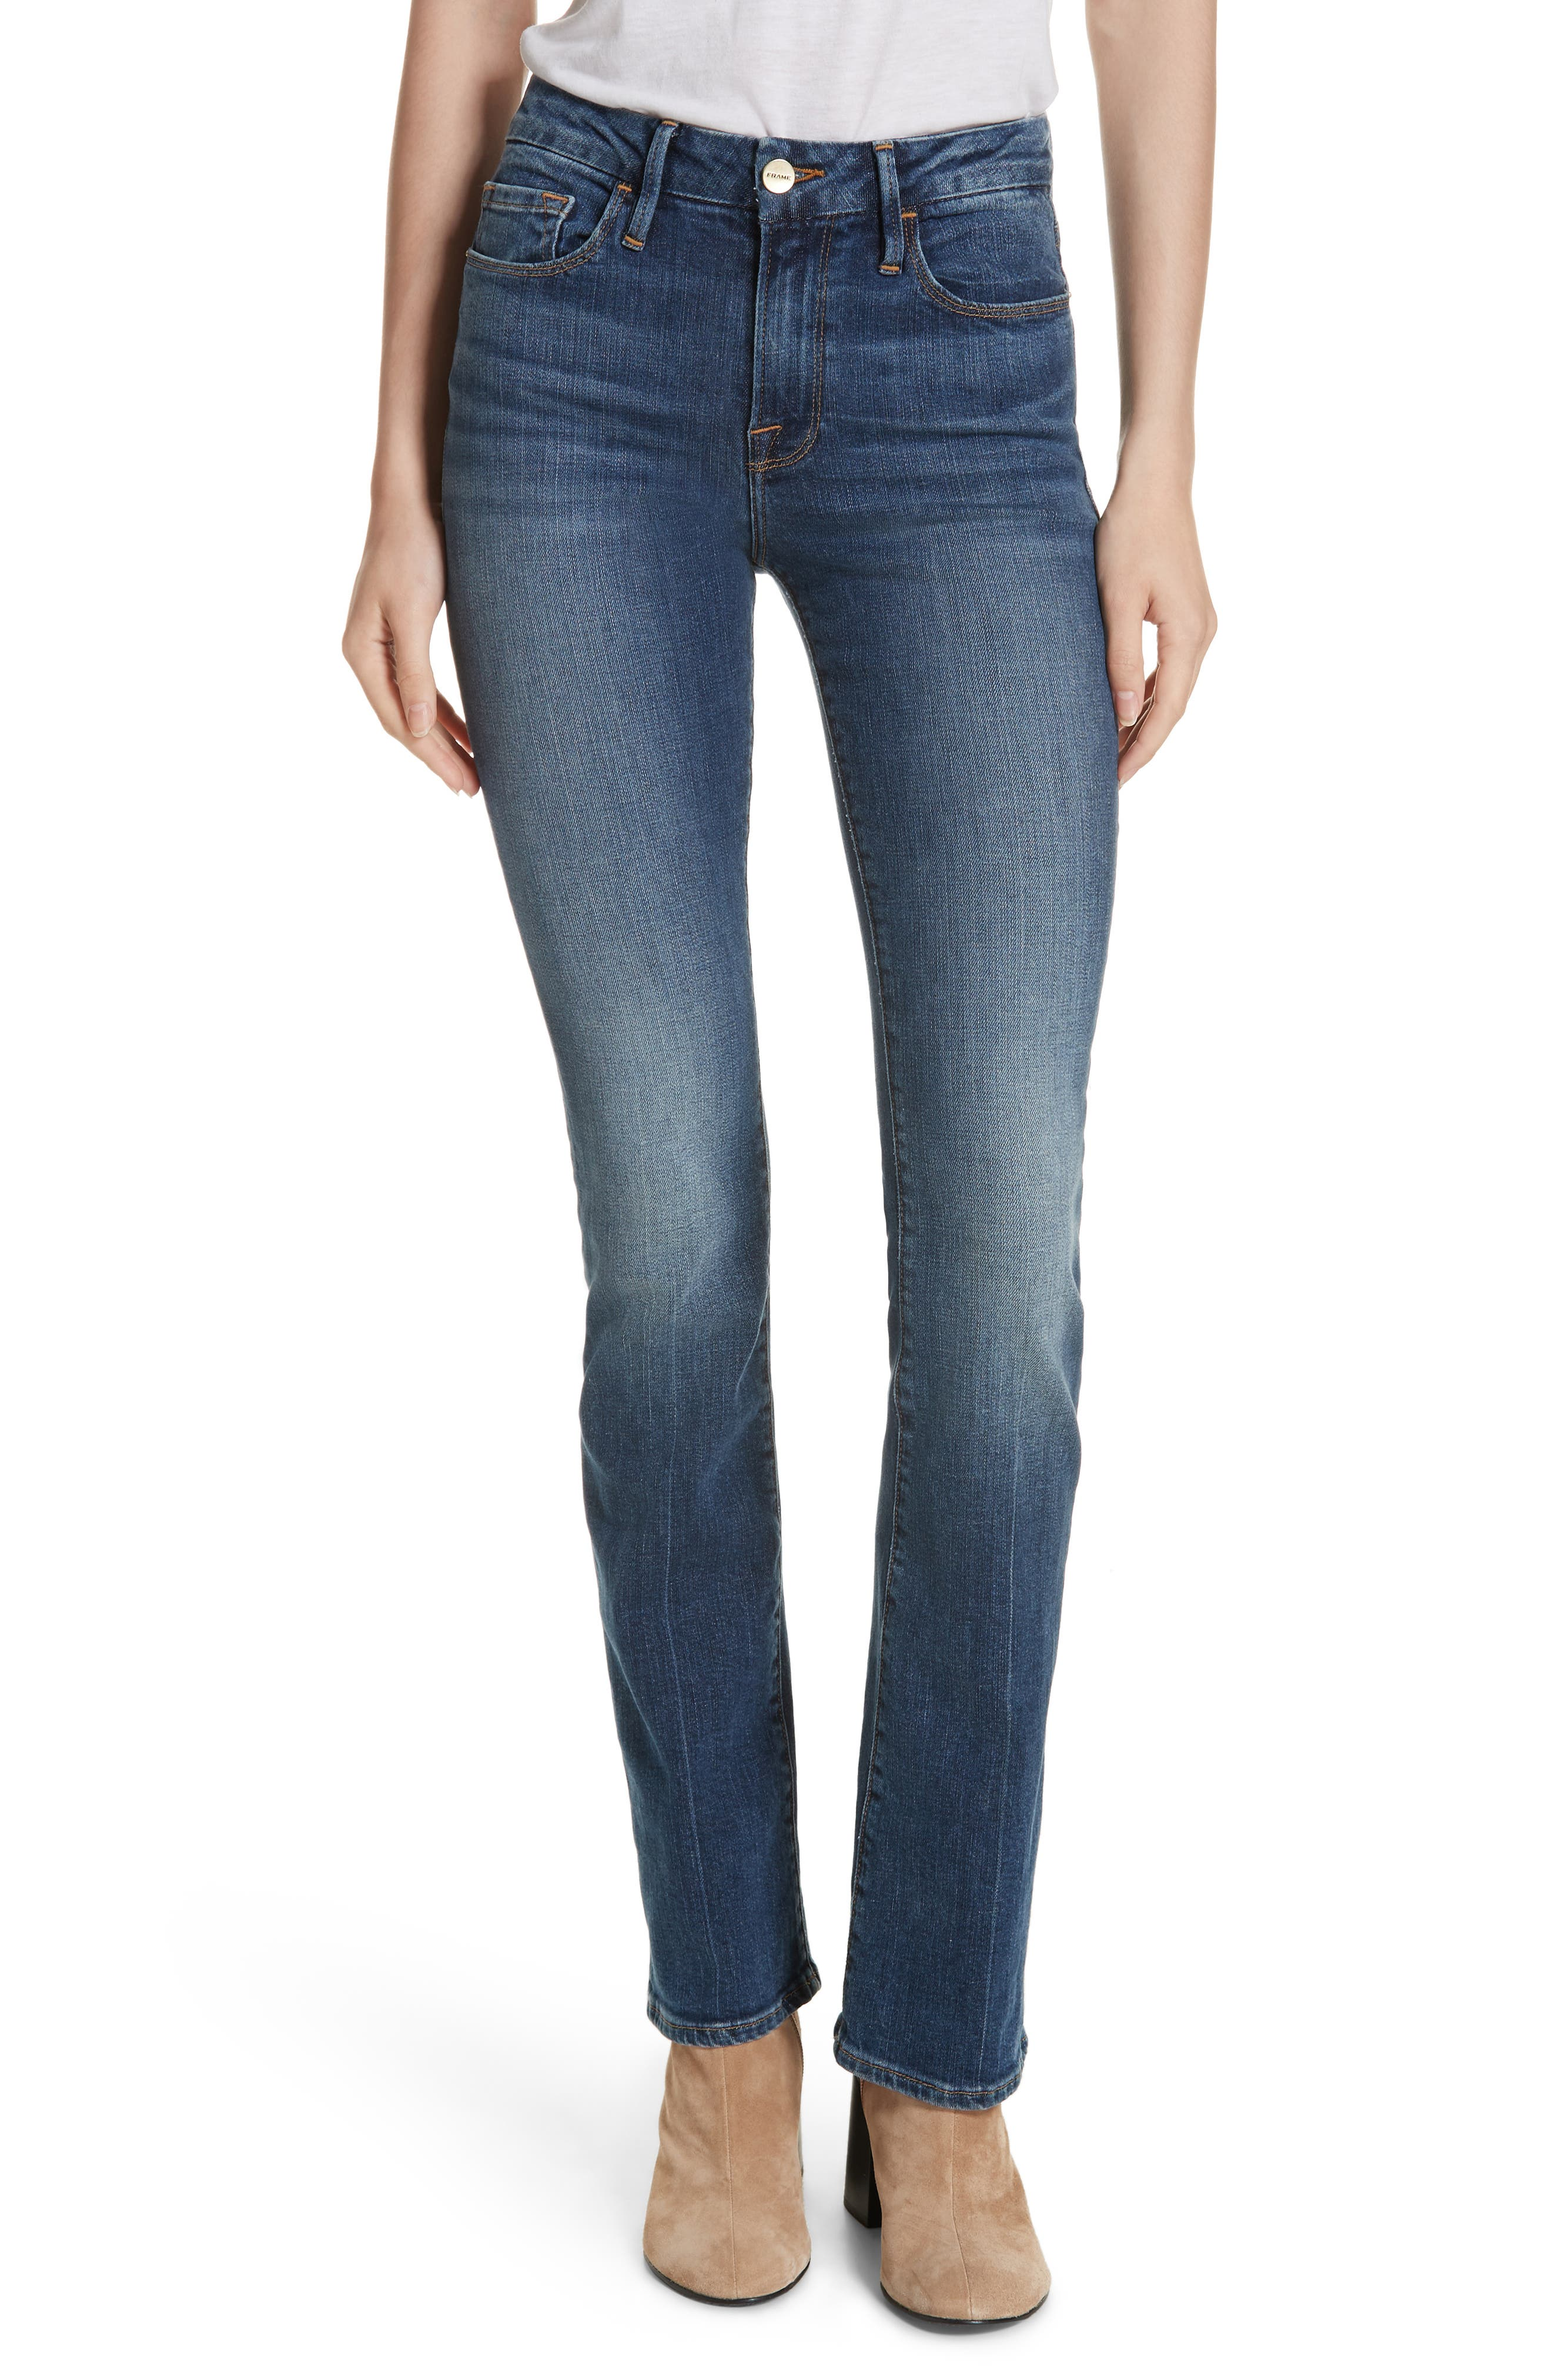 FRAME, Le Mini Boot Jeans, Main thumbnail 1, color, BLENDON